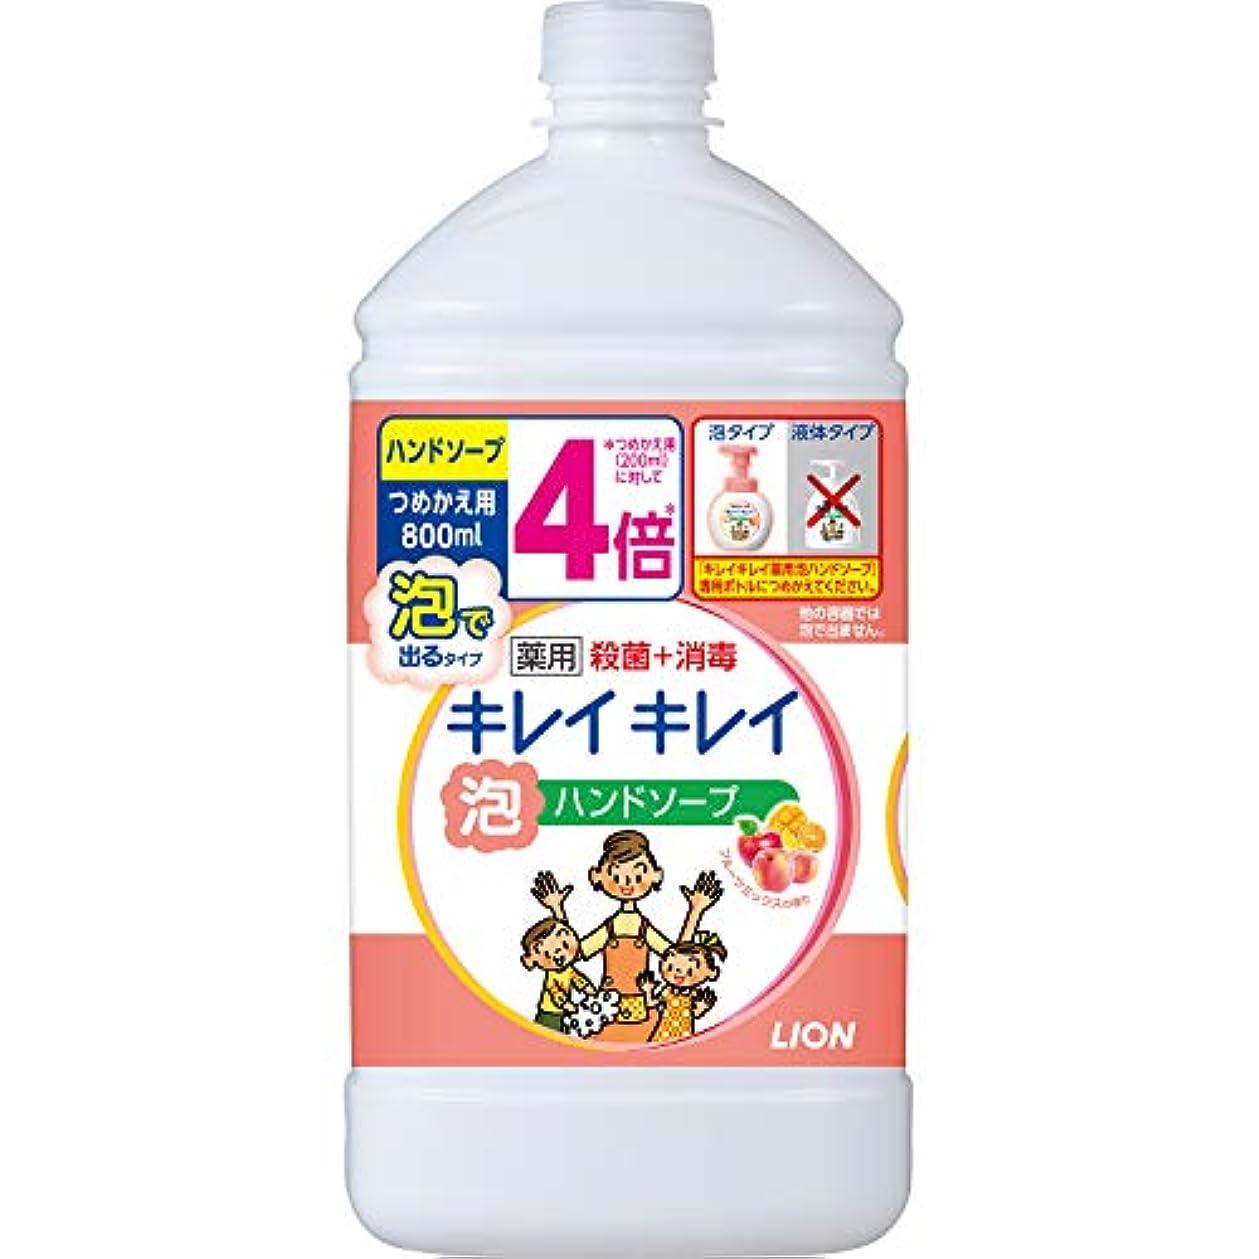 暗唱する放送口述(医薬部外品)【大容量】キレイキレイ 薬用 泡ハンドソープ フルーツミックスの香り 詰め替え用 800ml